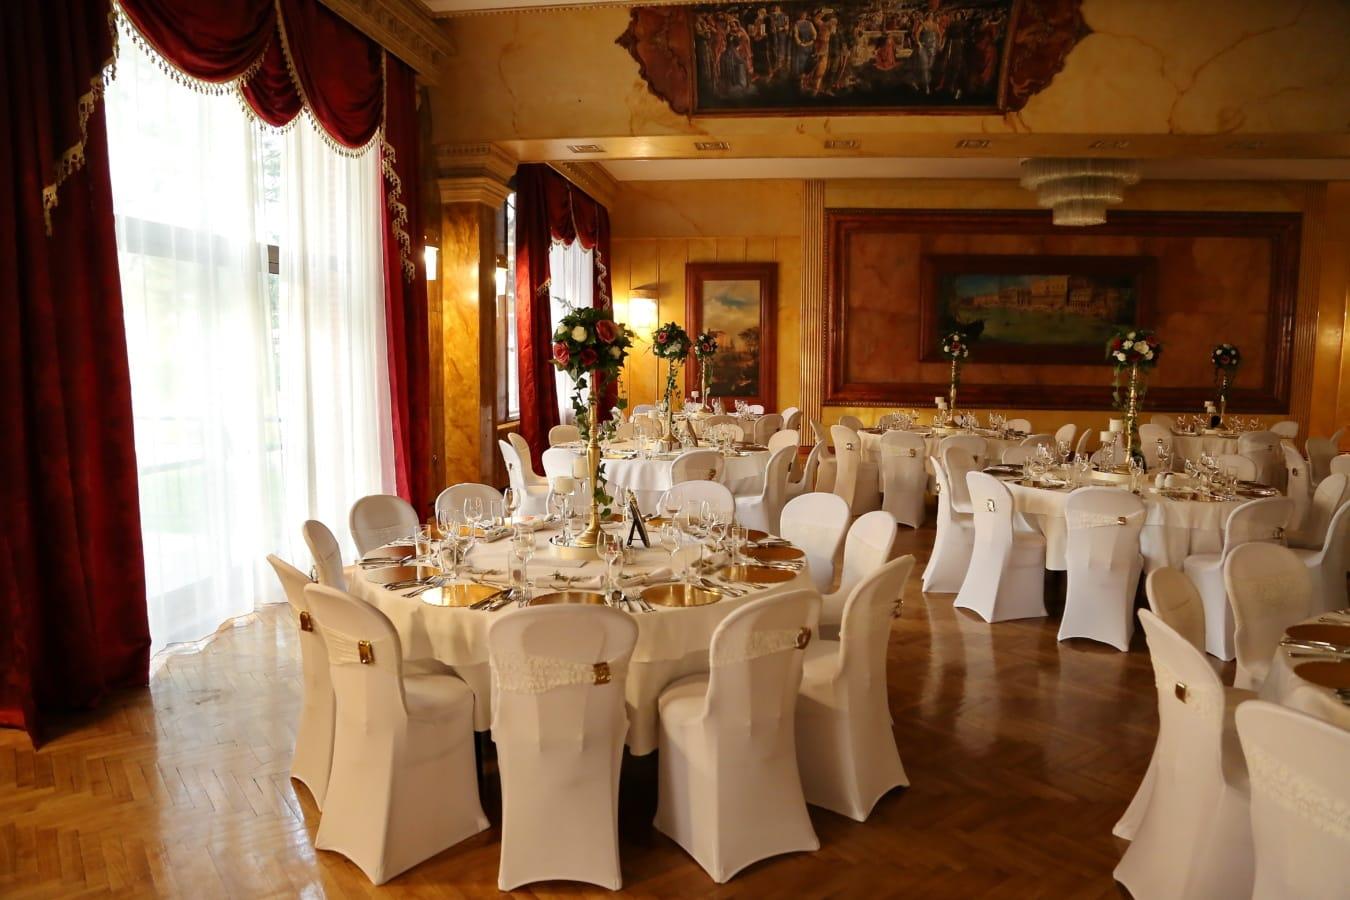 Restaurant, Lust auf, Essbereich, Kantine, Luxus, elegant, Möbel, drinnen, Zimmer, Interieur-design